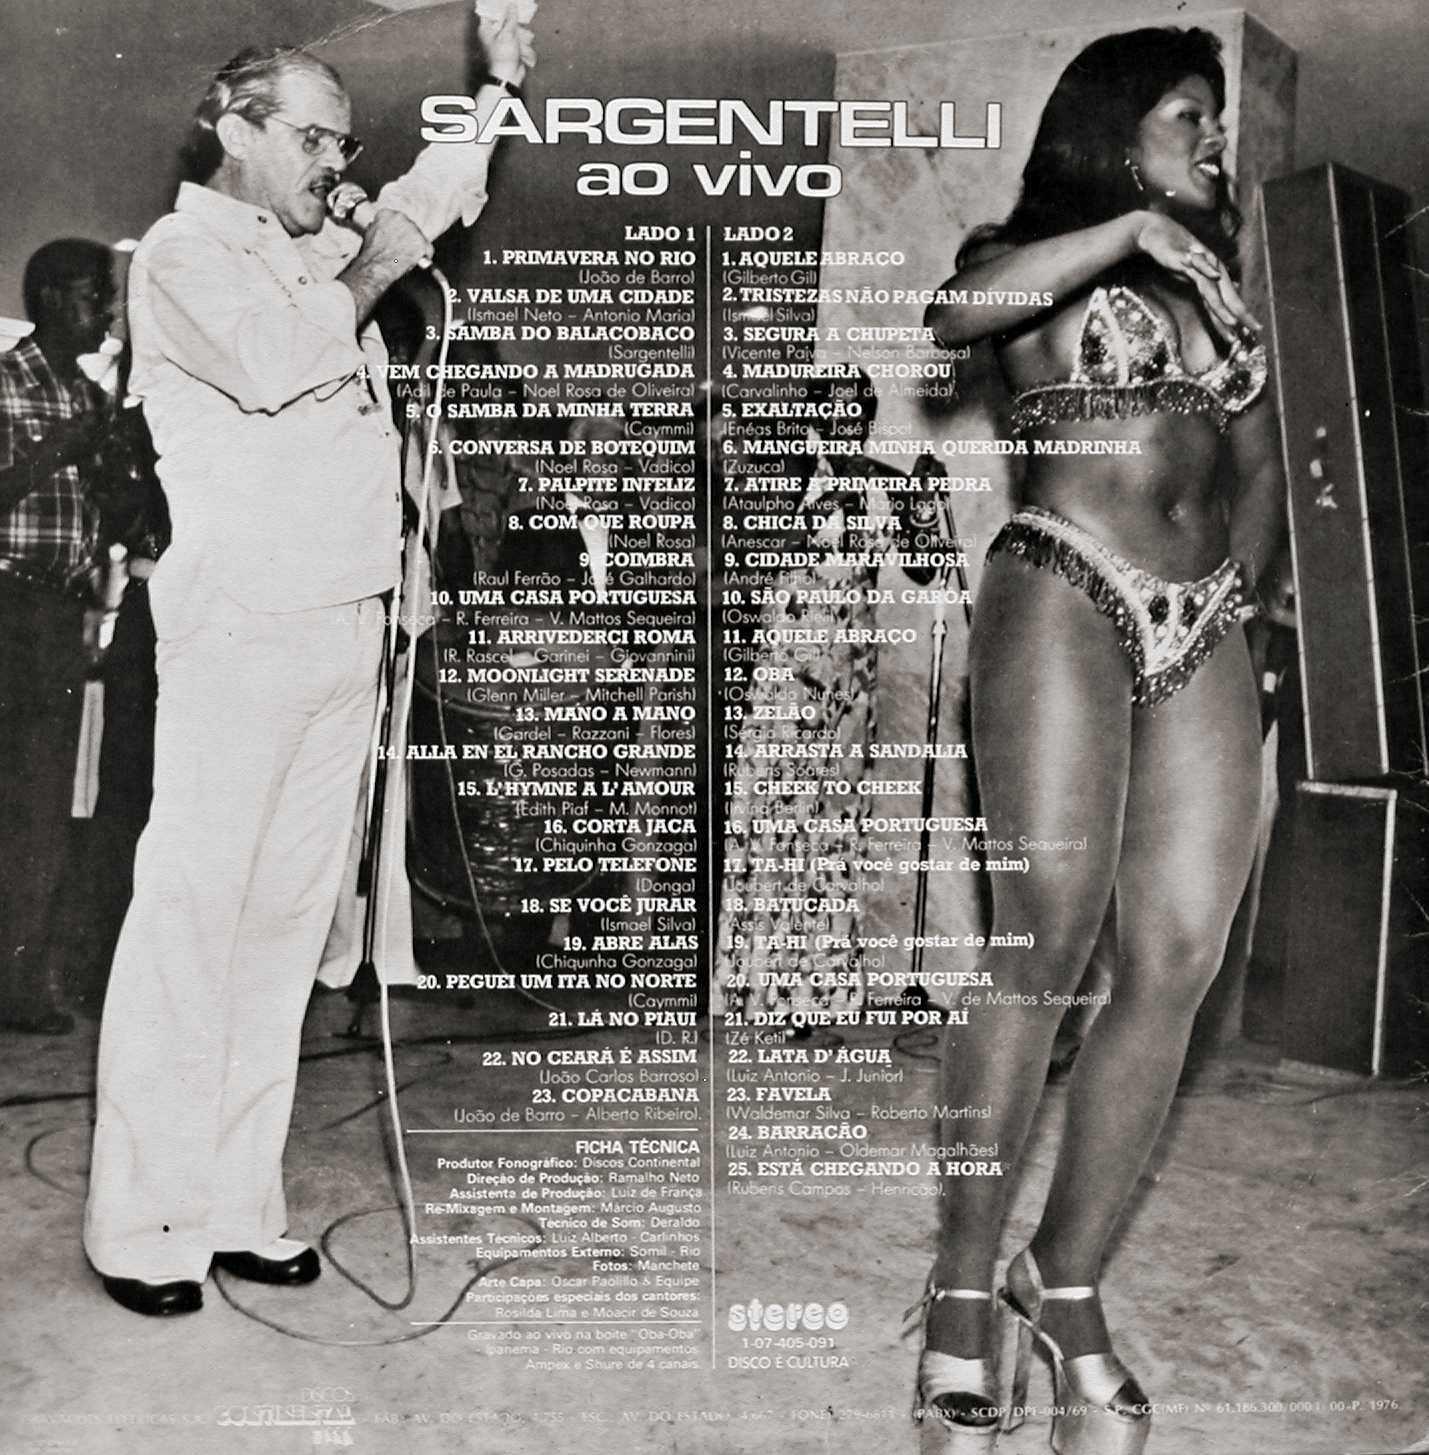 [sargentelli+ao+vivo+Bp+contra+capa]